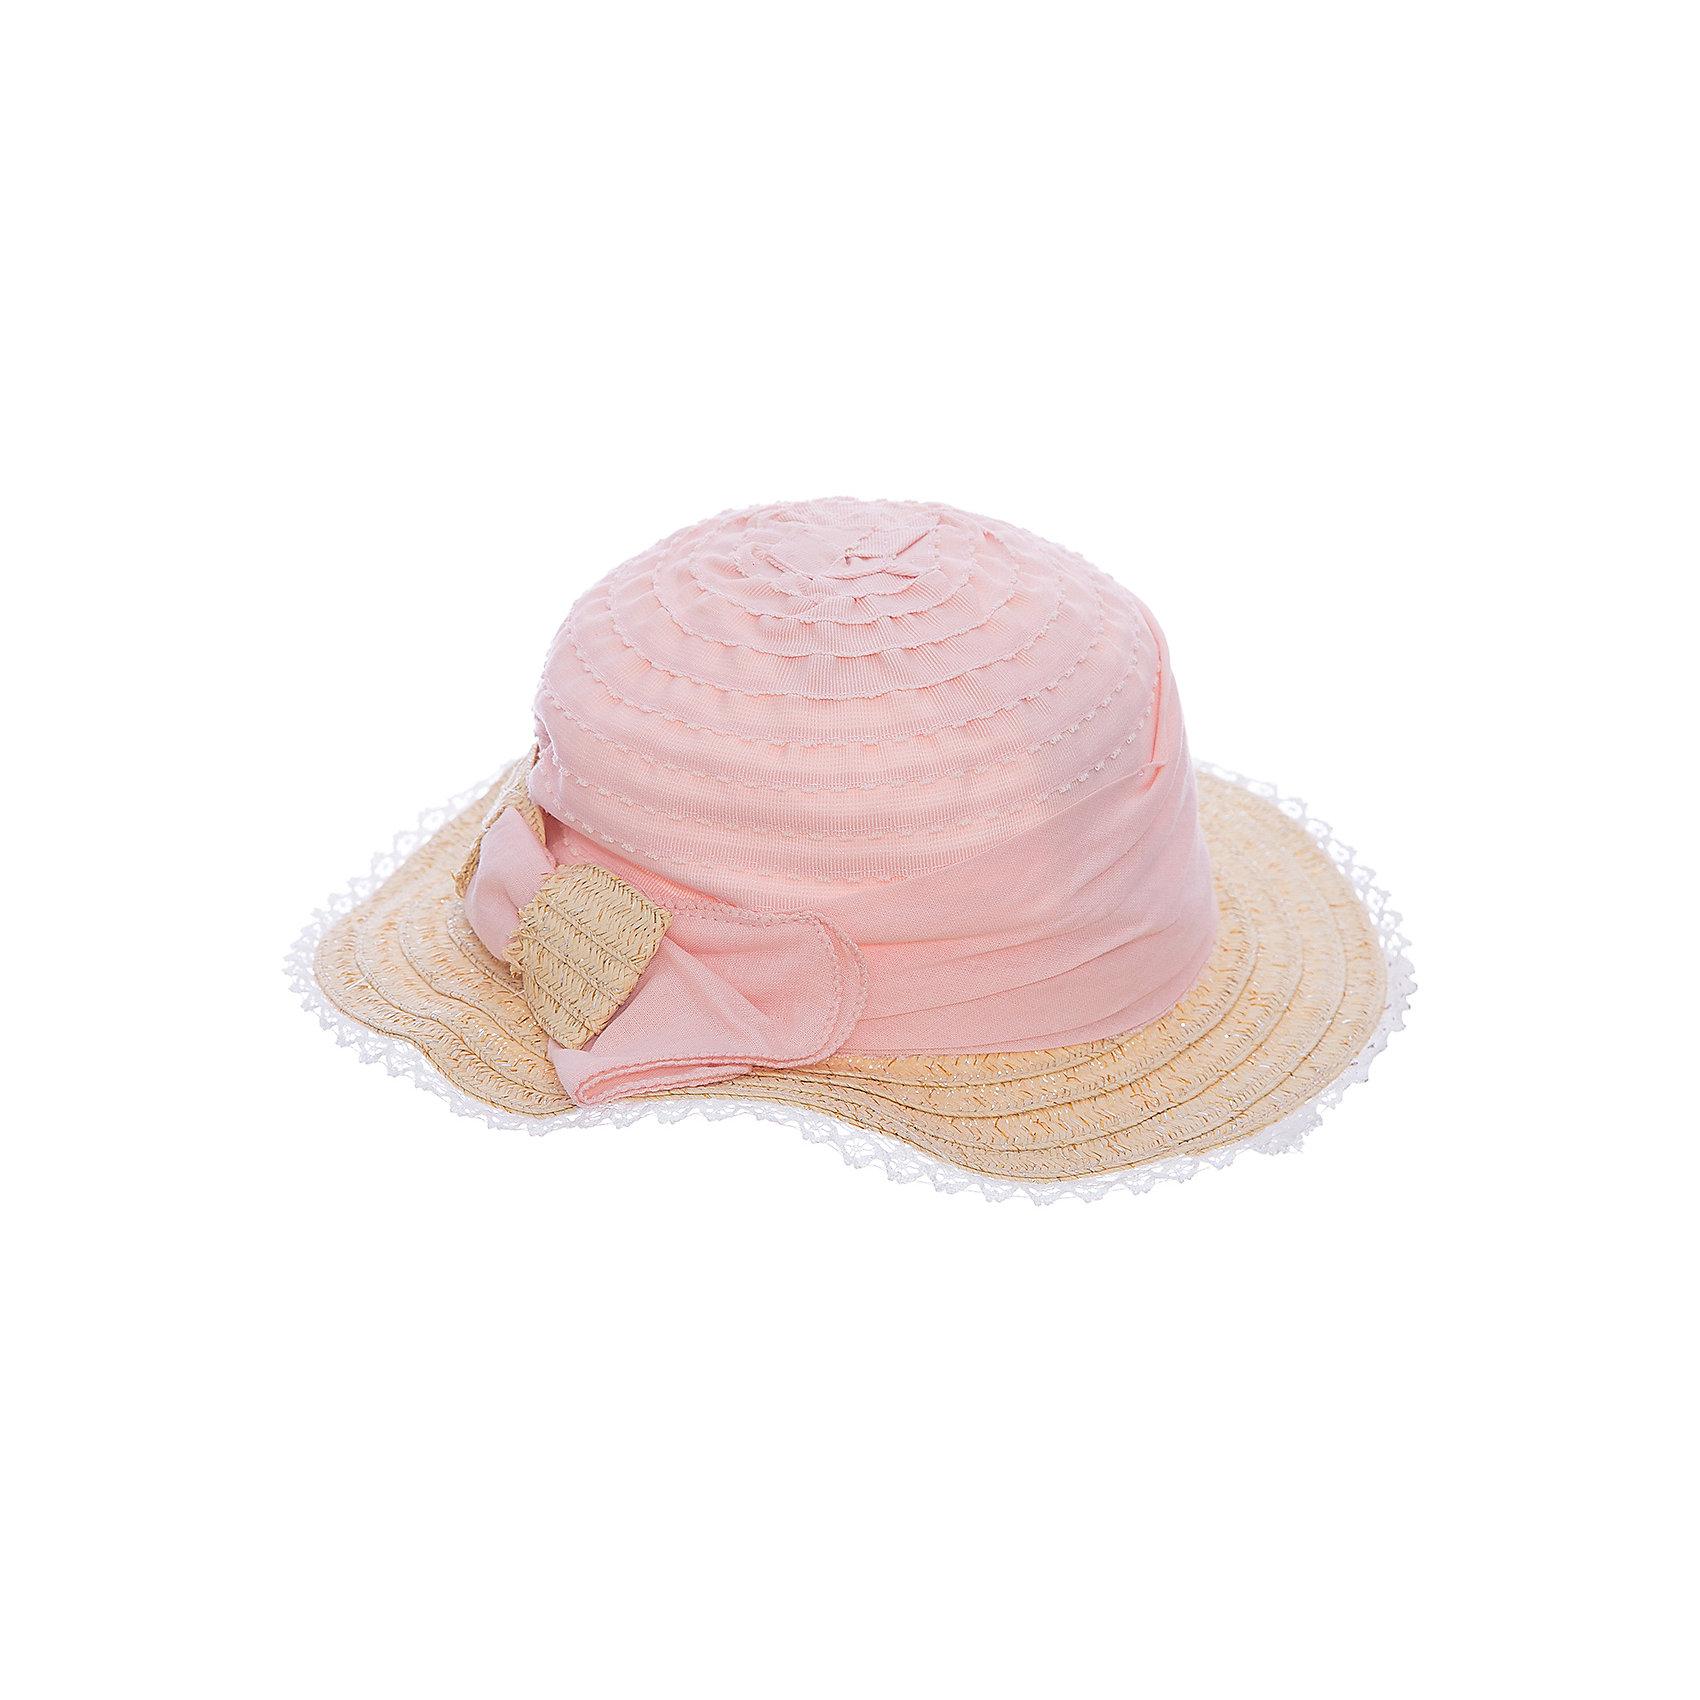 Шляпа для девочки MayoralГоловные уборы<br>Шляпа для девочки от известной испанской марки Mayoral.<br>Состав:<br>50% Бумага 30% Полиэстер 20% Хлопок<br><br>Ширина мм: 89<br>Глубина мм: 117<br>Высота мм: 44<br>Вес г: 155<br>Цвет: бежевый<br>Возраст от месяцев: 24<br>Возраст до месяцев: 36<br>Пол: Женский<br>Возраст: Детский<br>Размер: 50,54,52<br>SKU: 4539271